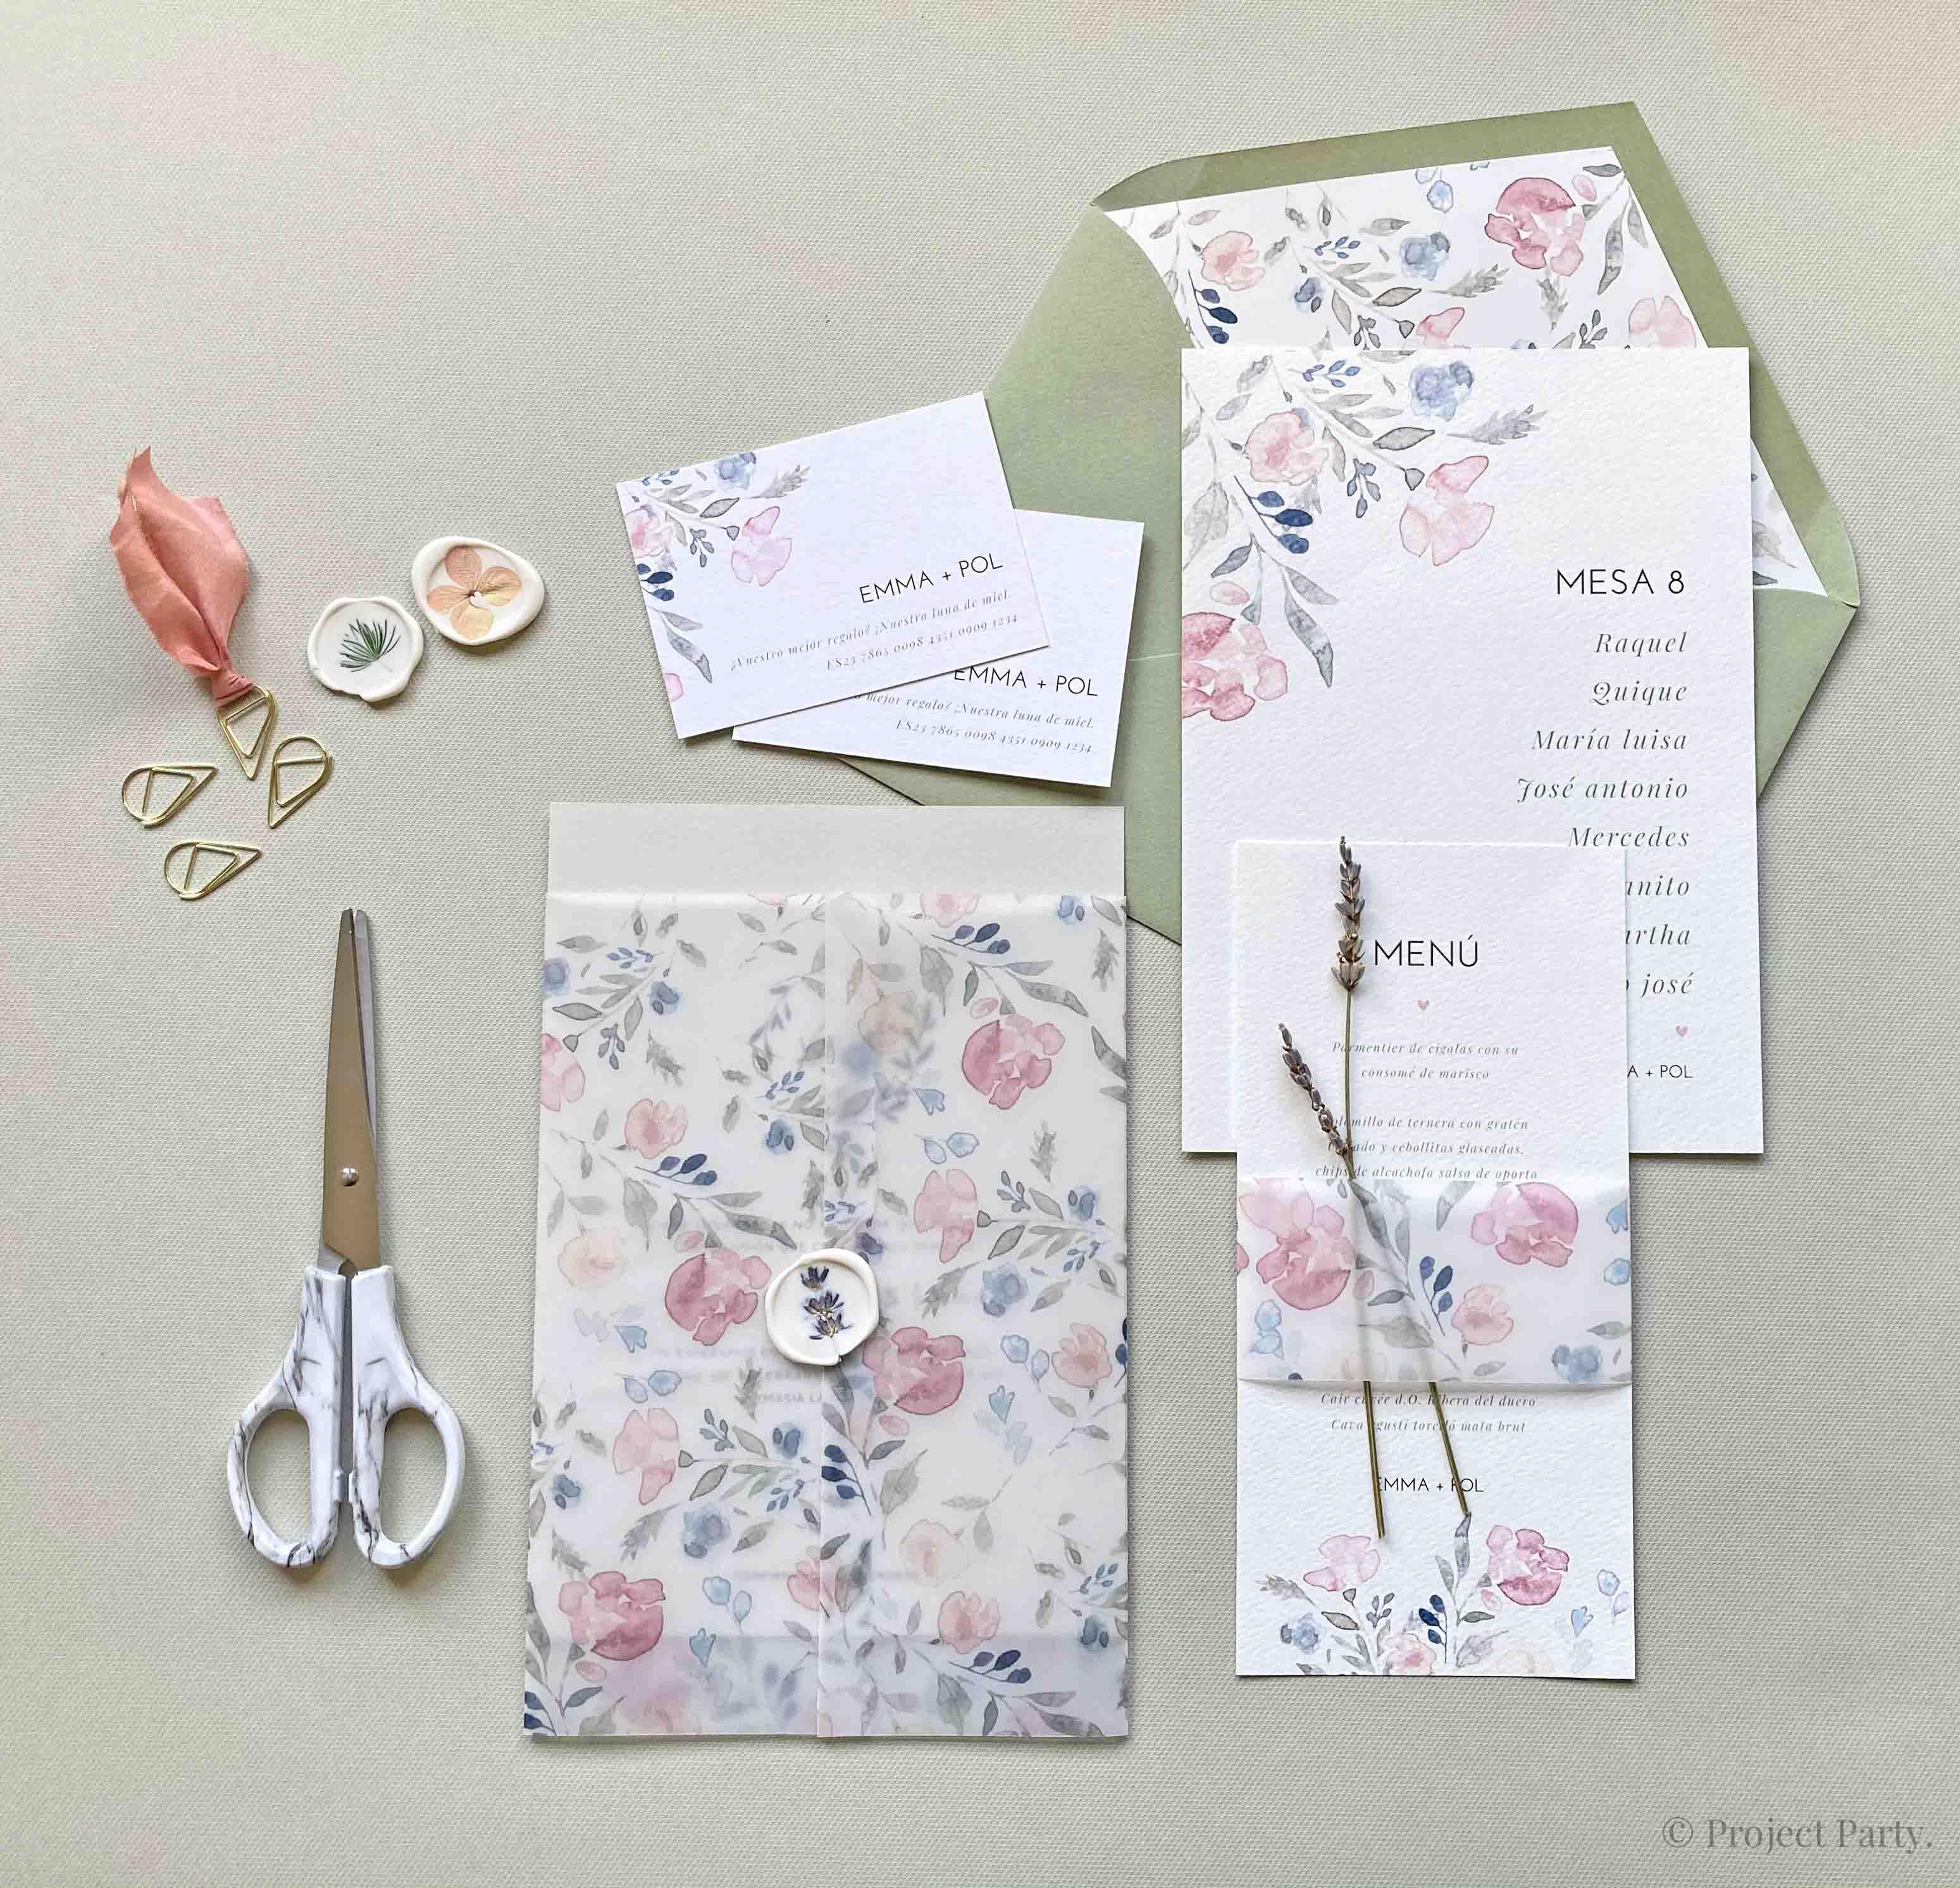 Invitaciones de boda hechas a mano - transparencias